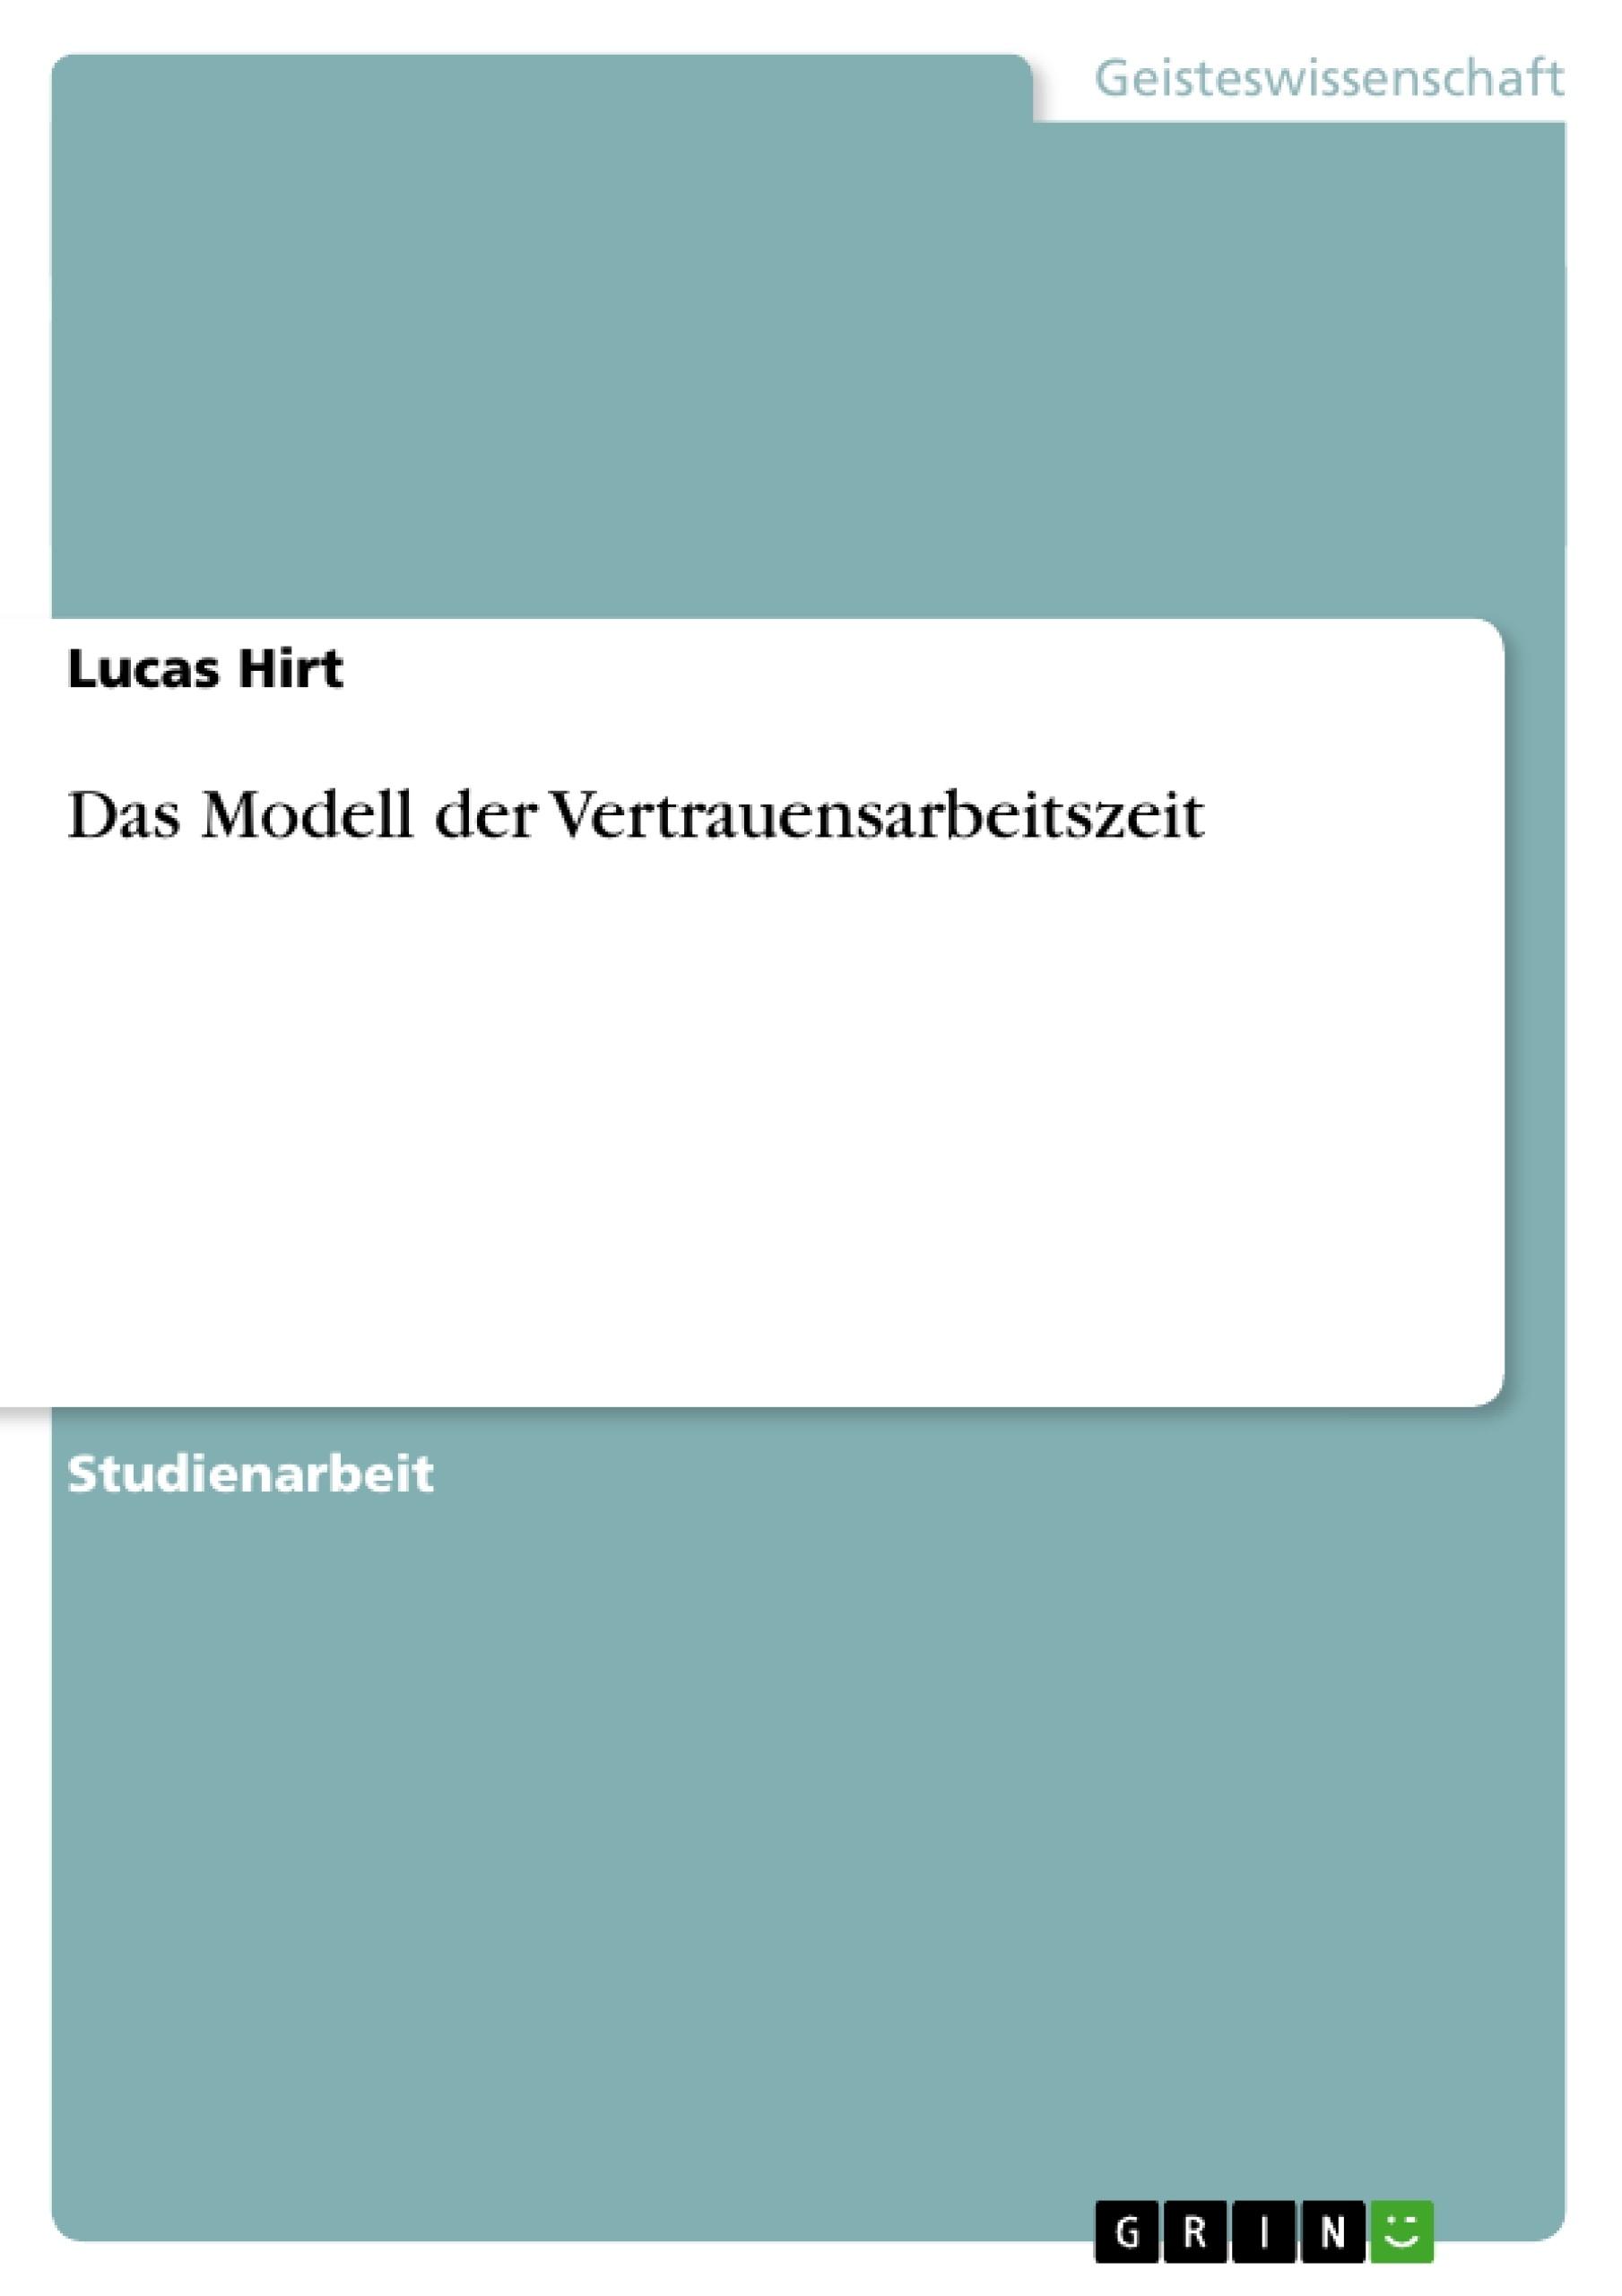 Titel: Das Modell der Vertrauensarbeitszeit